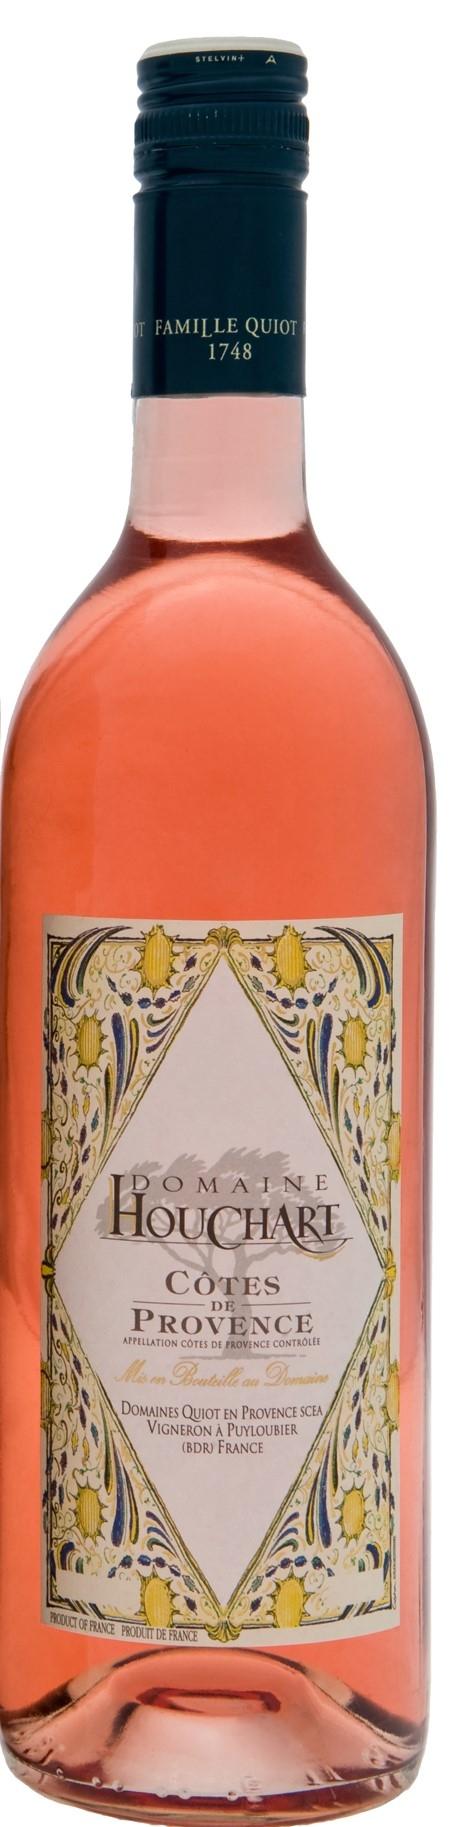 Domaine Houchart Cotes de Provence rosé